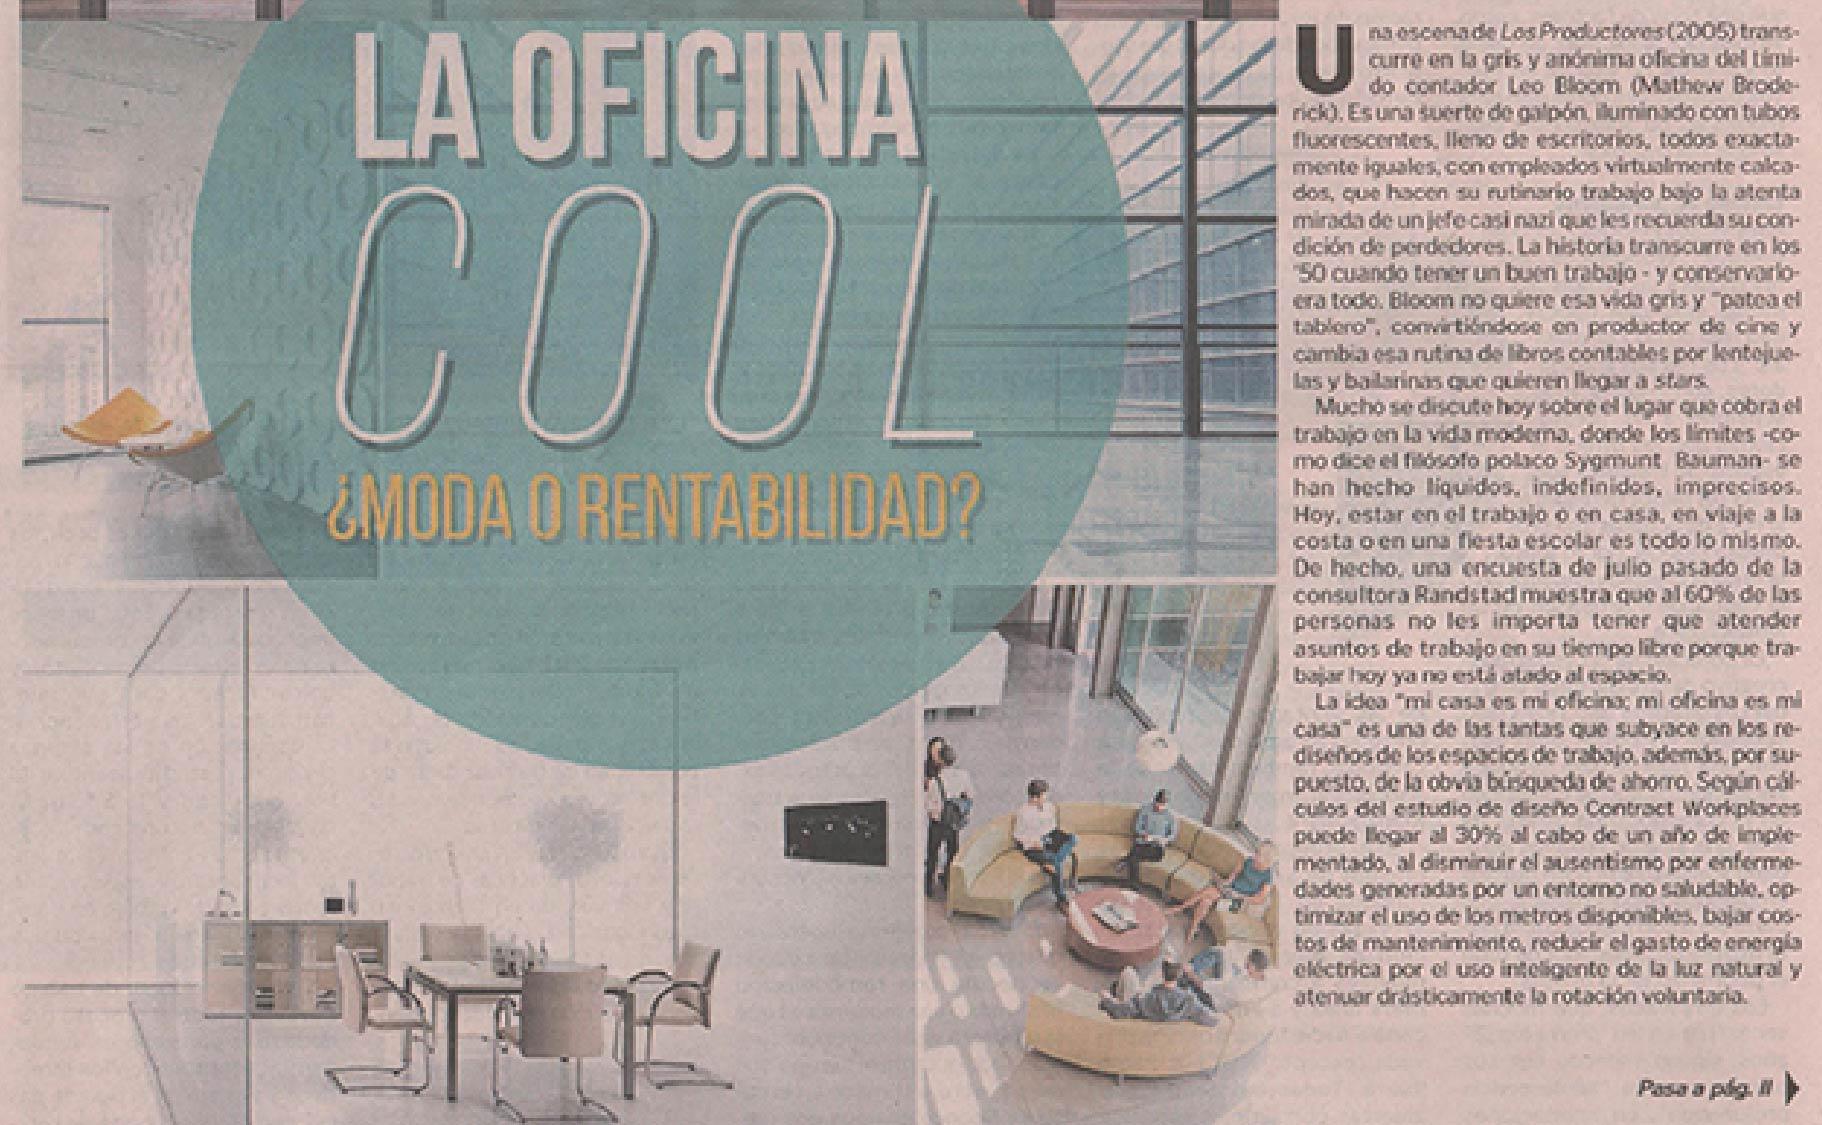 La oficina cool, ¿moda o rentabilidad?